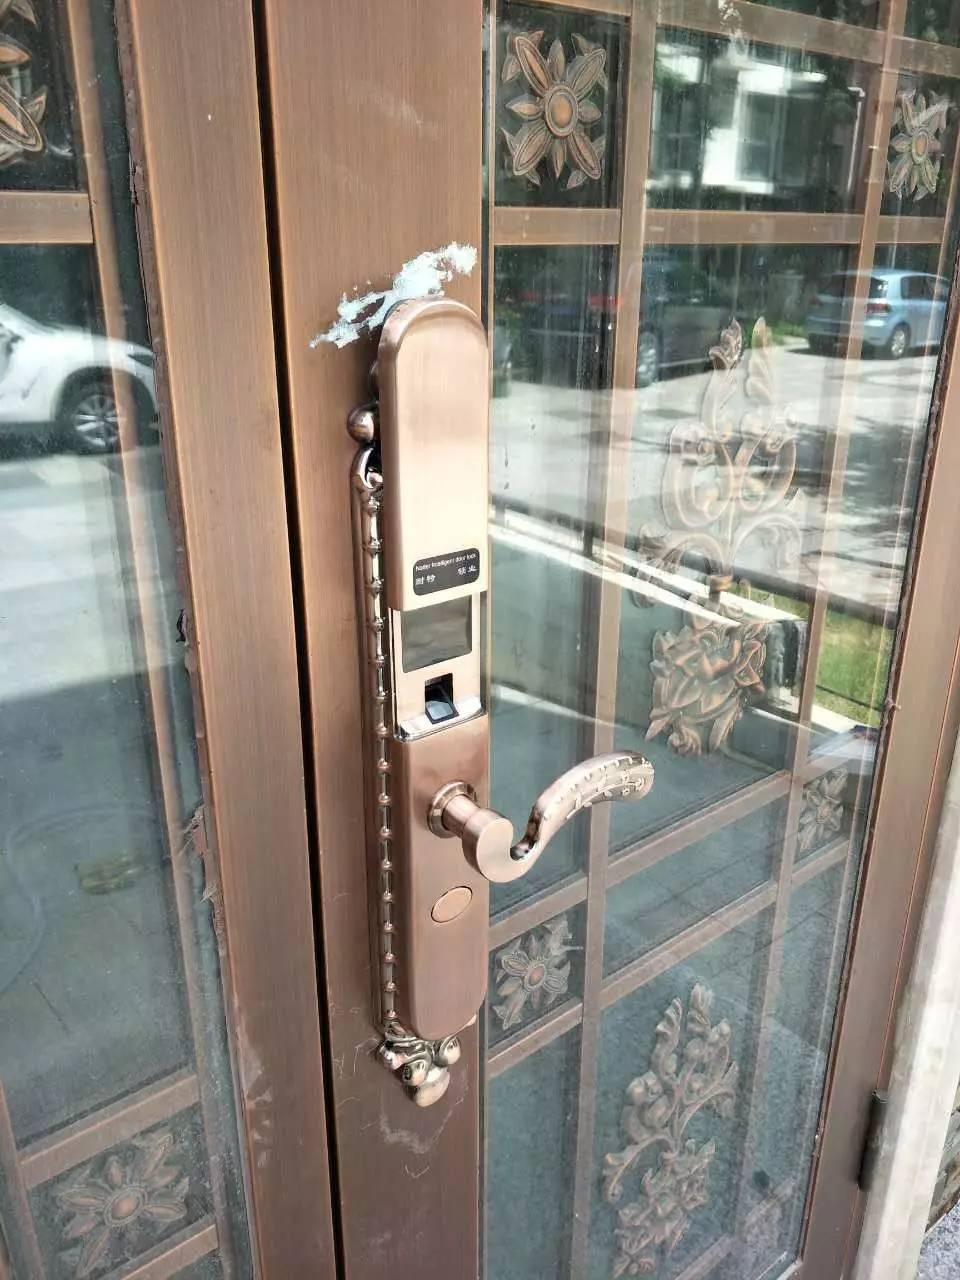 长春汽车厂区开锁公司 开锁修锁换锁,开锁电话,开锁价格